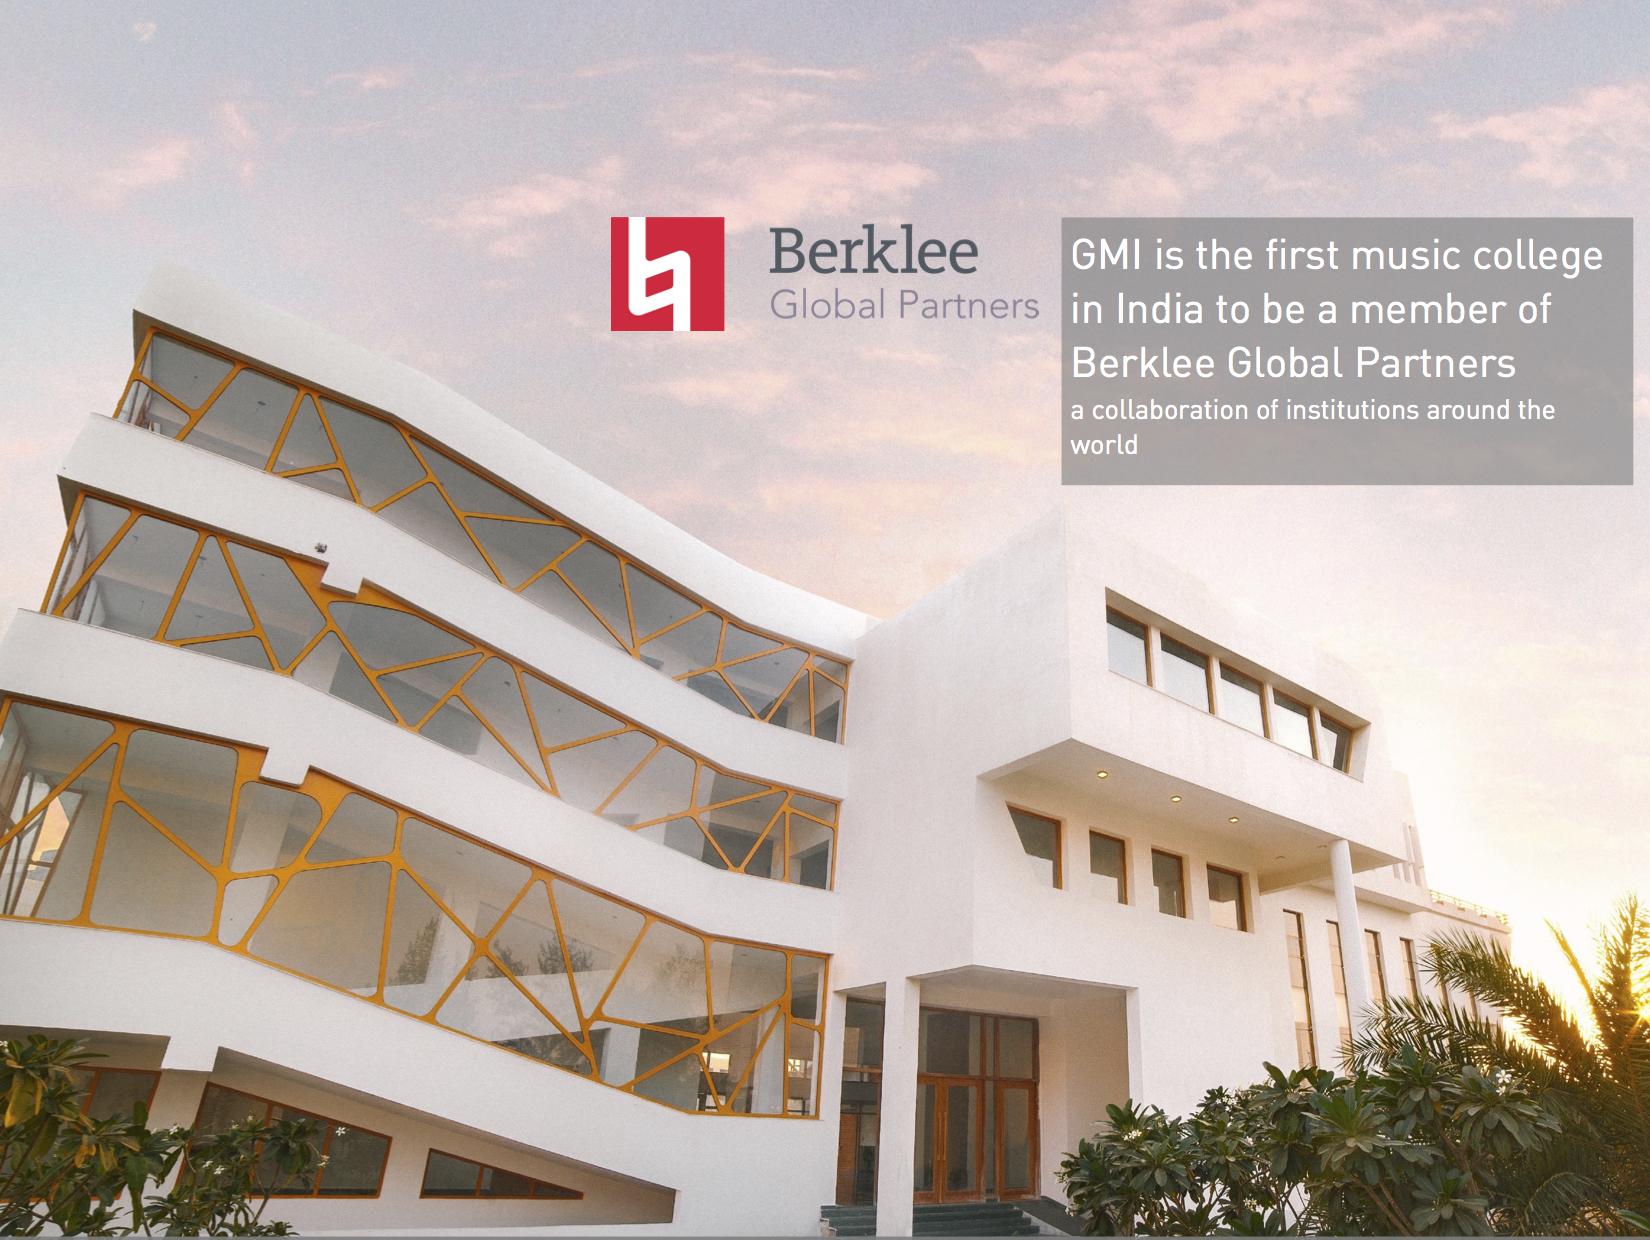 GMI+Berklee